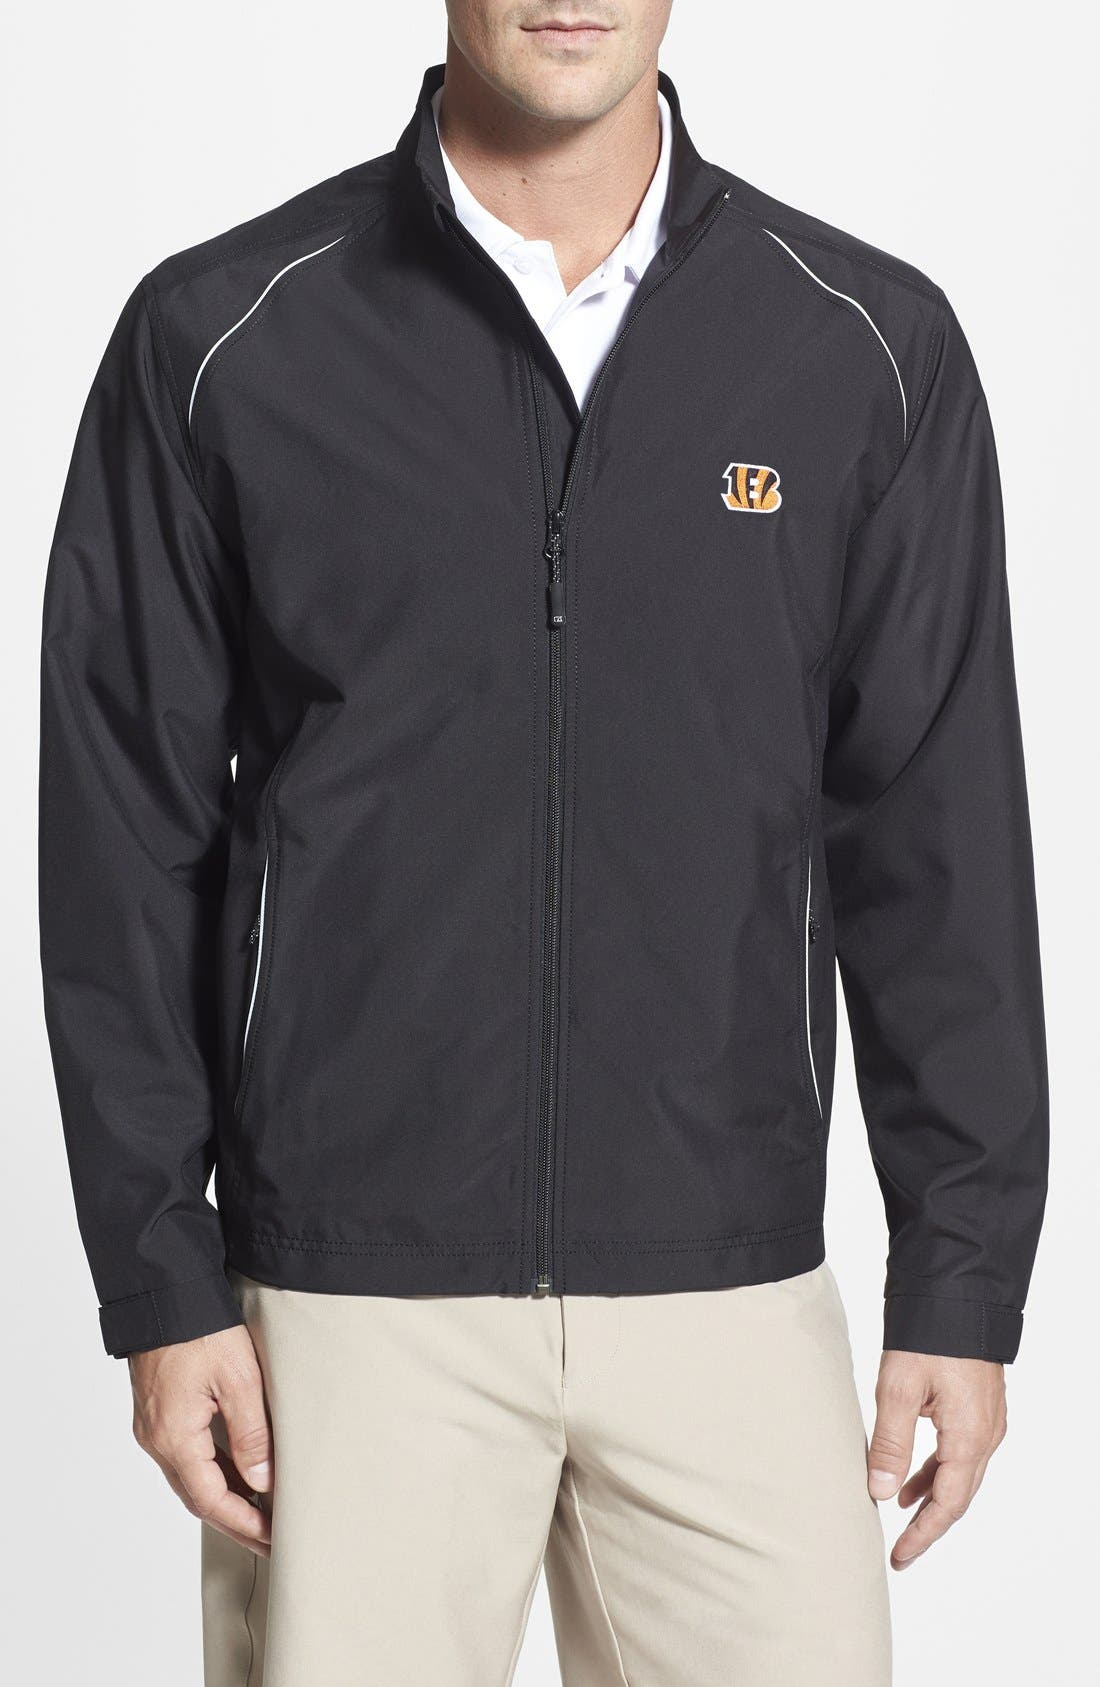 Cutter & Buck 'Cincinnati Bengals - Beacon' WeatherTec Wind & Water Resistant Jacket